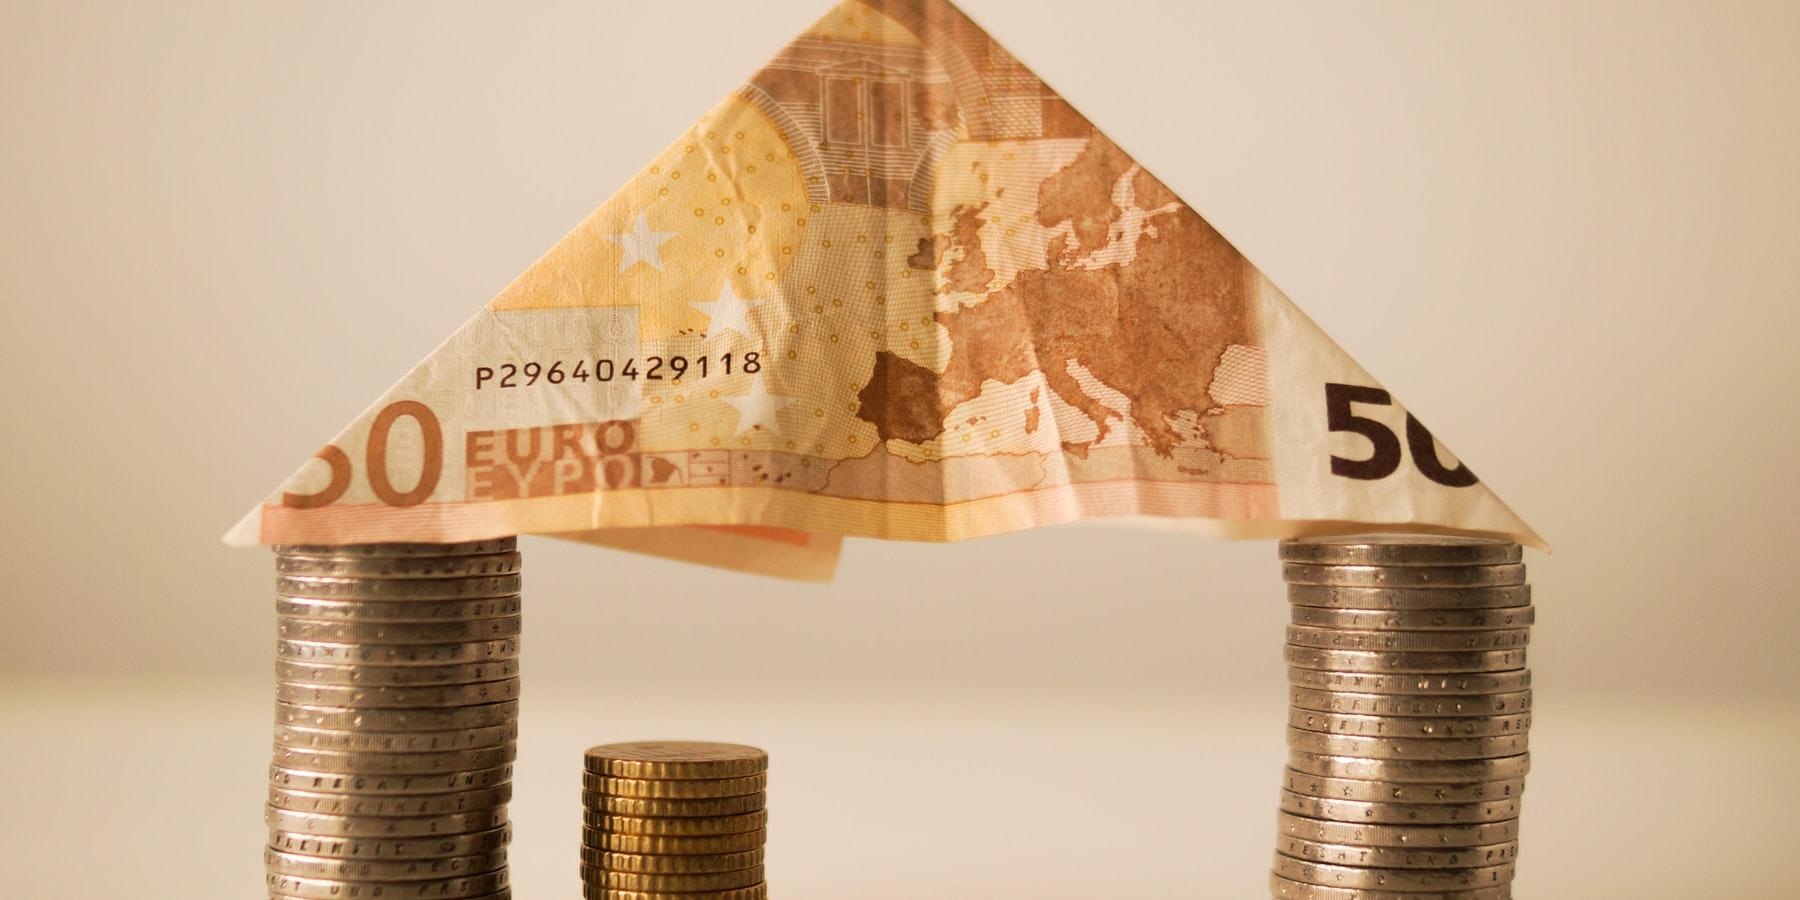 چگونه بر سختی جذب سرمایه برای استارتاپ غلبه کنیم؟ (قسمت اول)